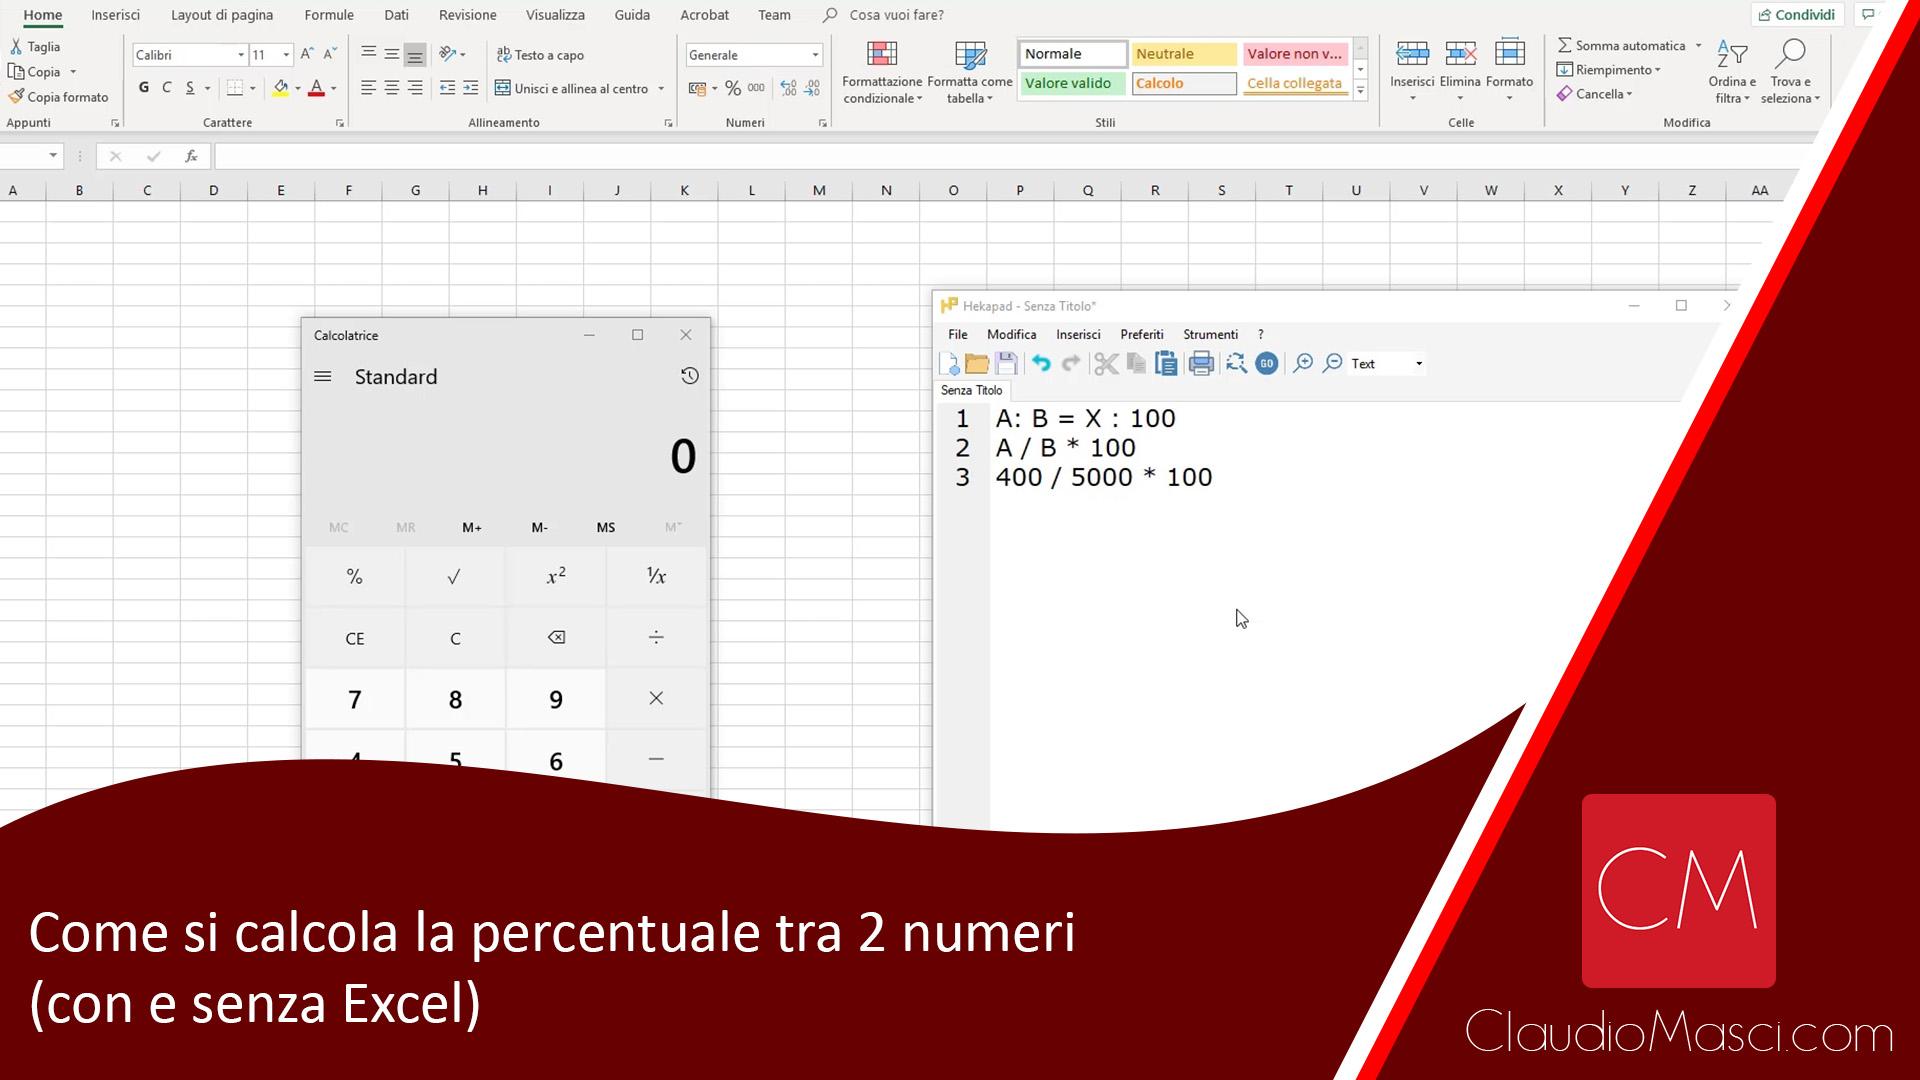 Come si calcola la percentuale tra 2 numeri (con e senza Excel)